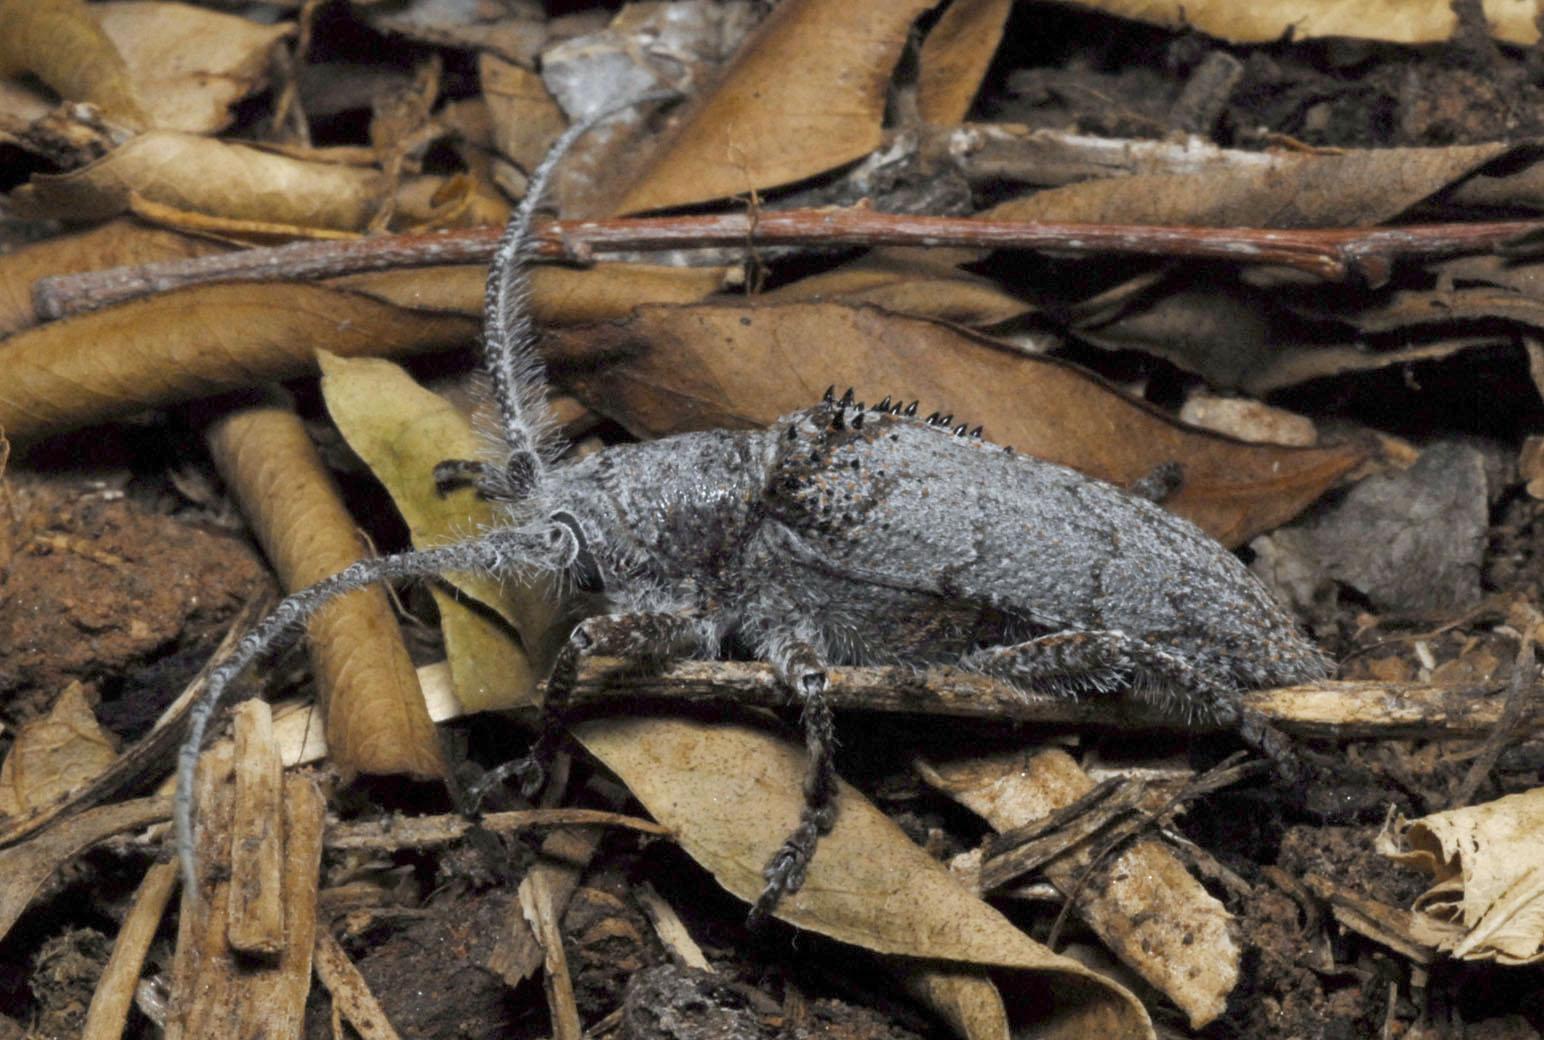 Longihorn_Beetle_20060817_Alice_Springs_NT_01.jpg